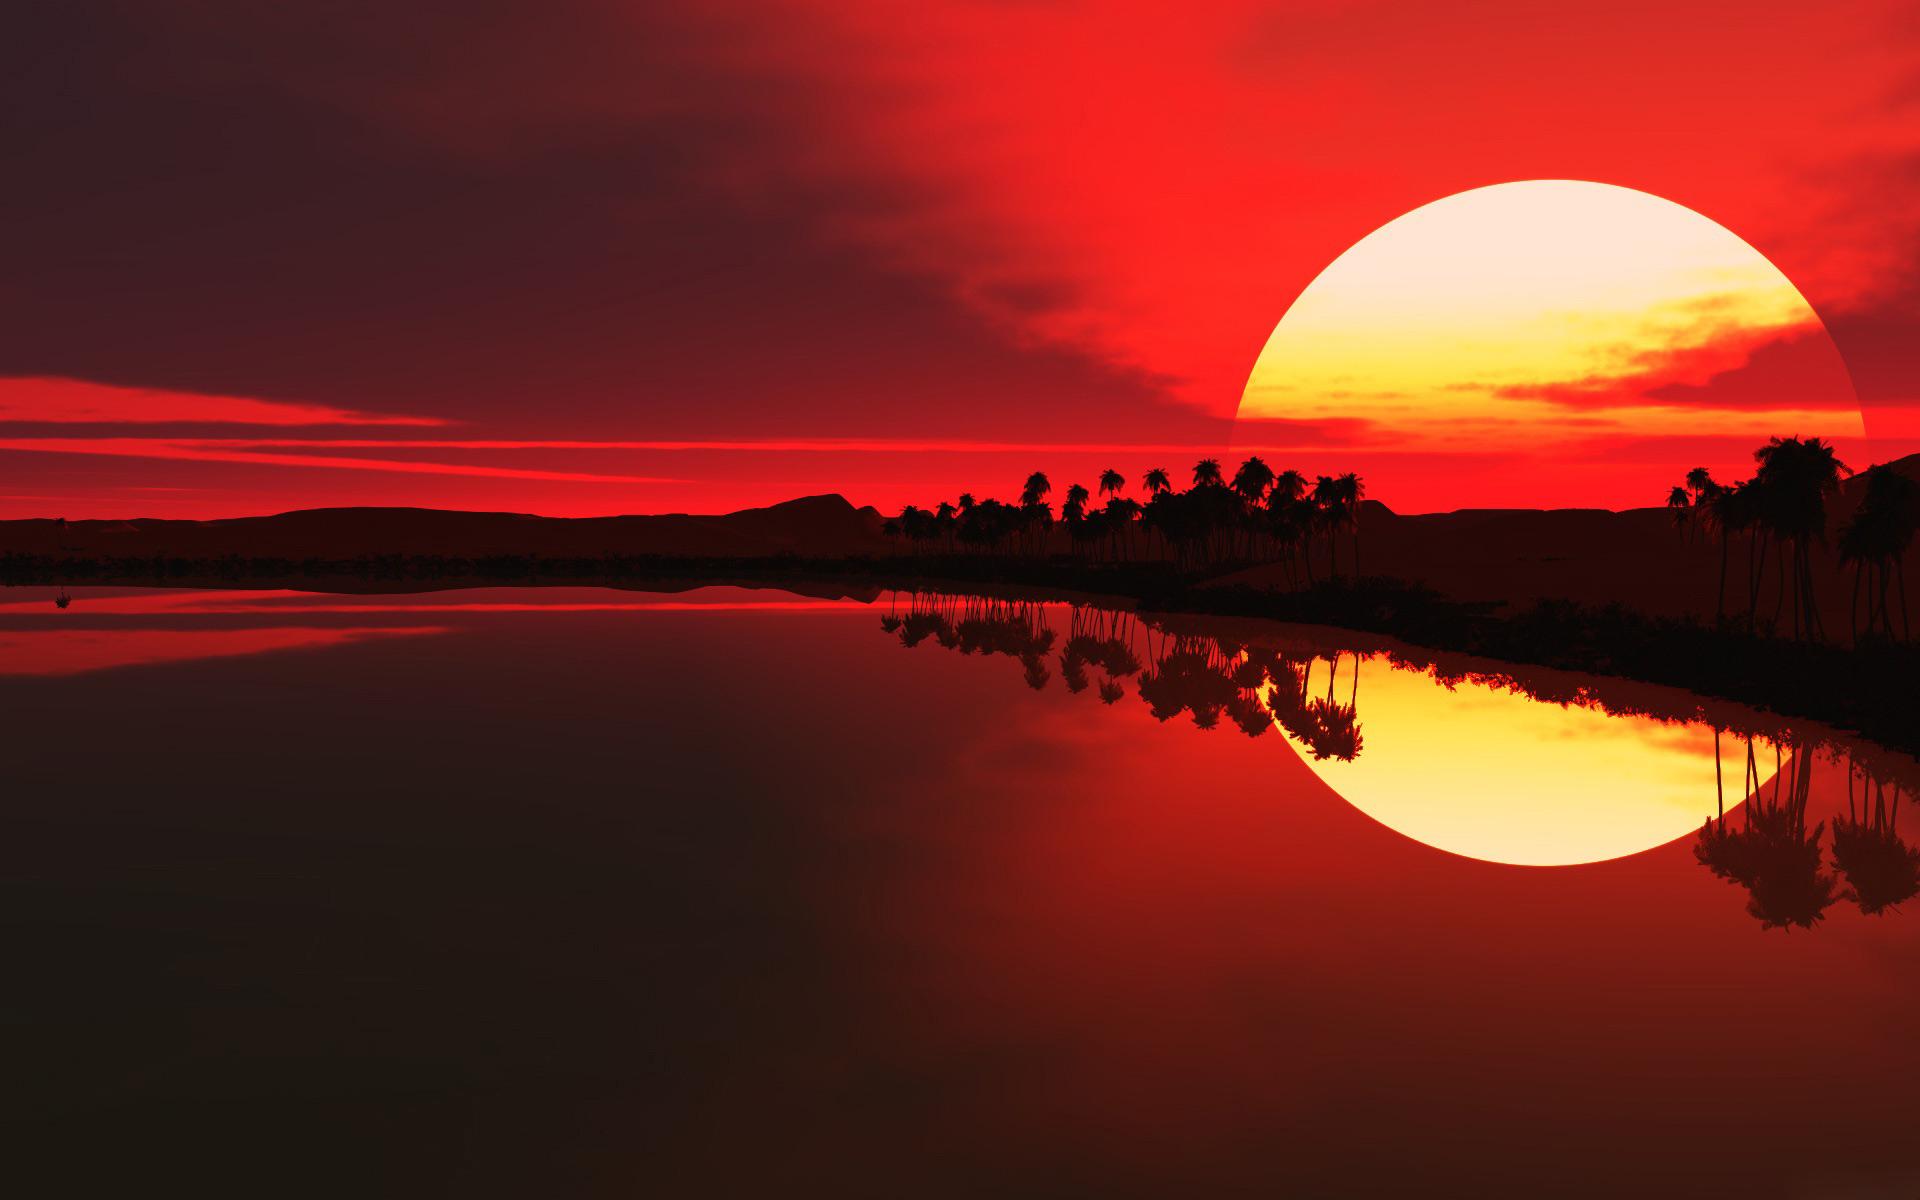 African Sunset Wallpaper High Quality WallpapersWallpaper Desktop 1920x1200